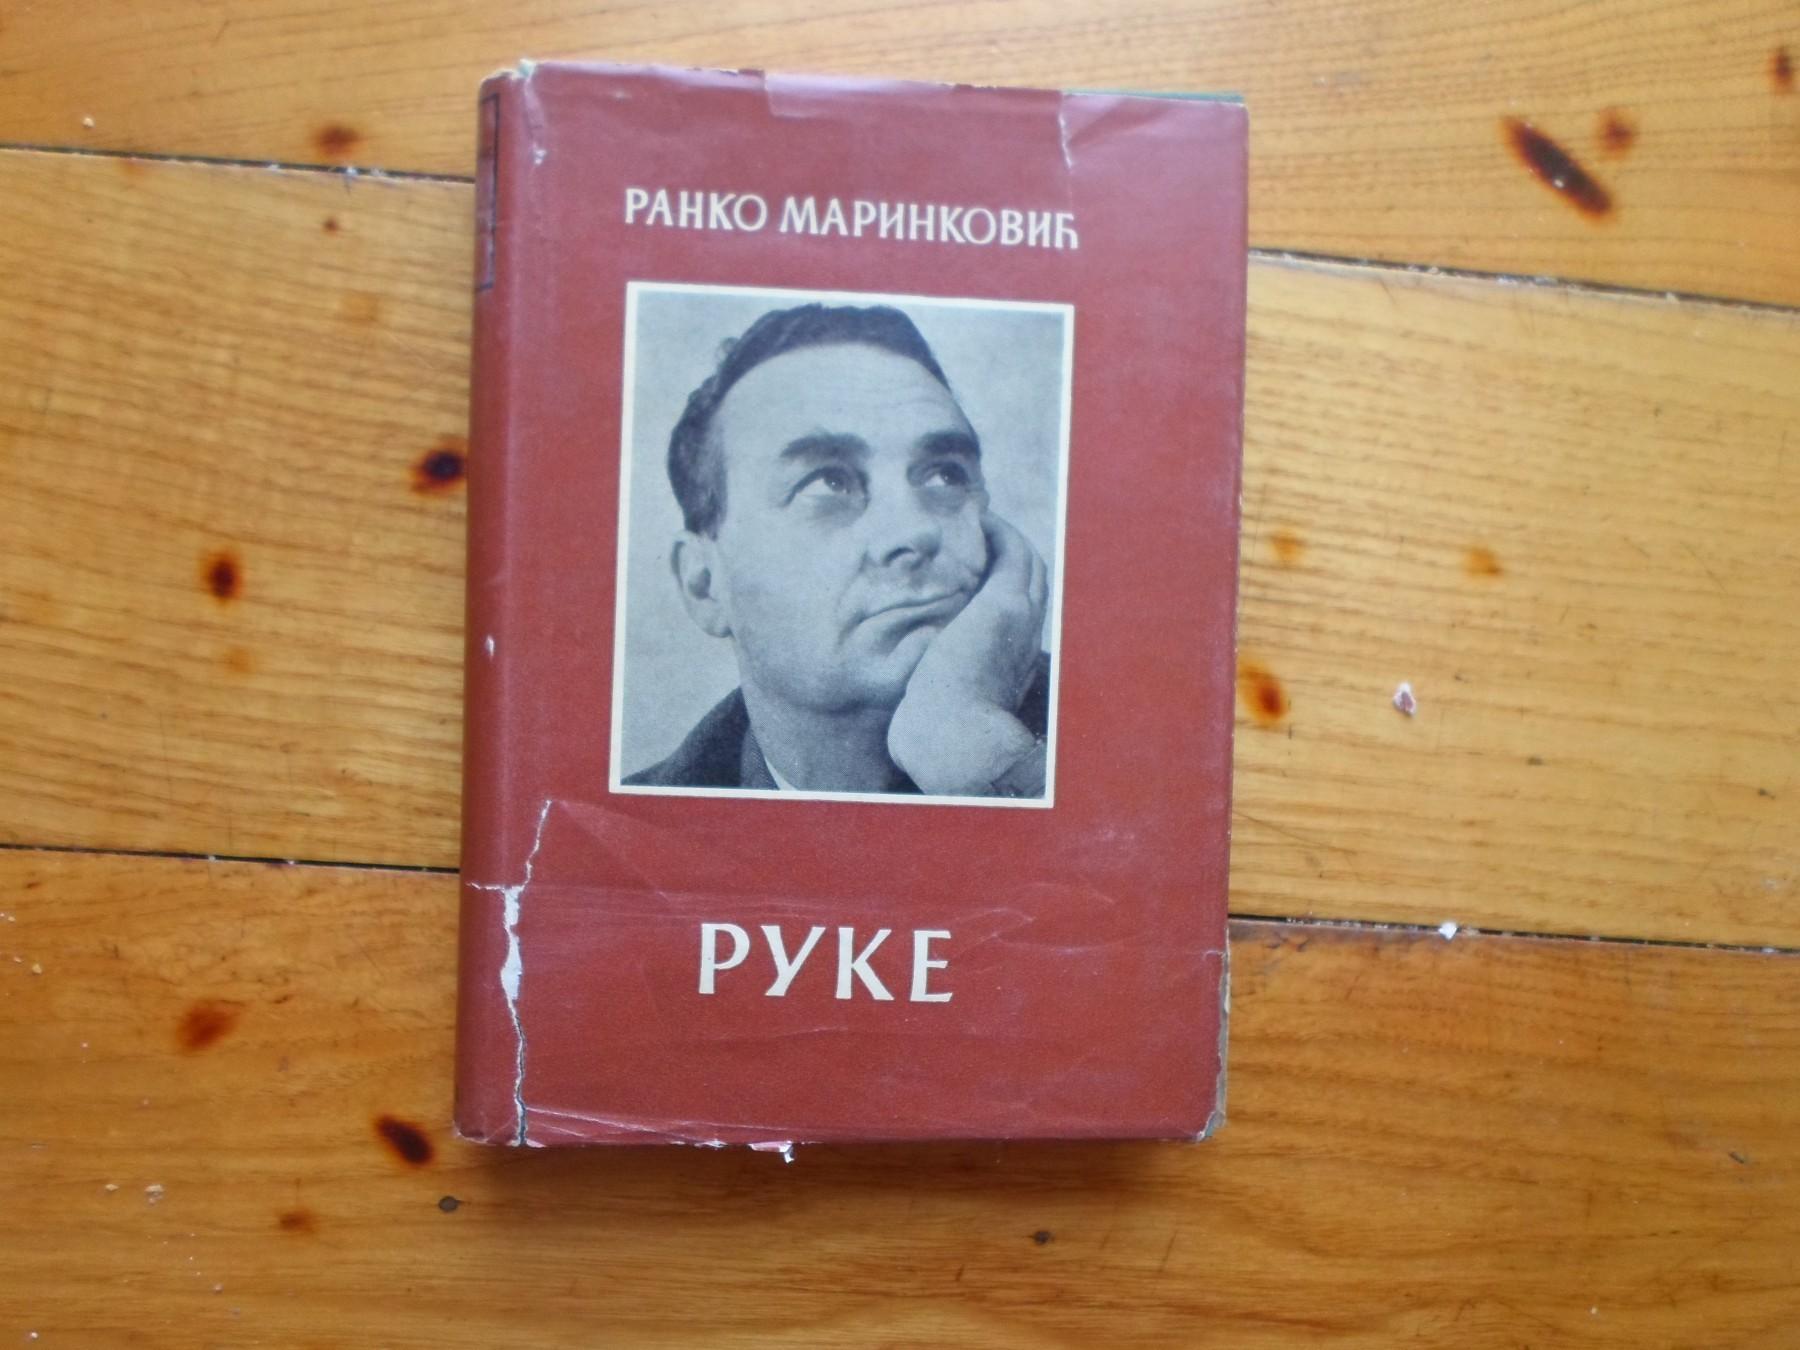 RANKO MARINKOVIC RUKE EPUB